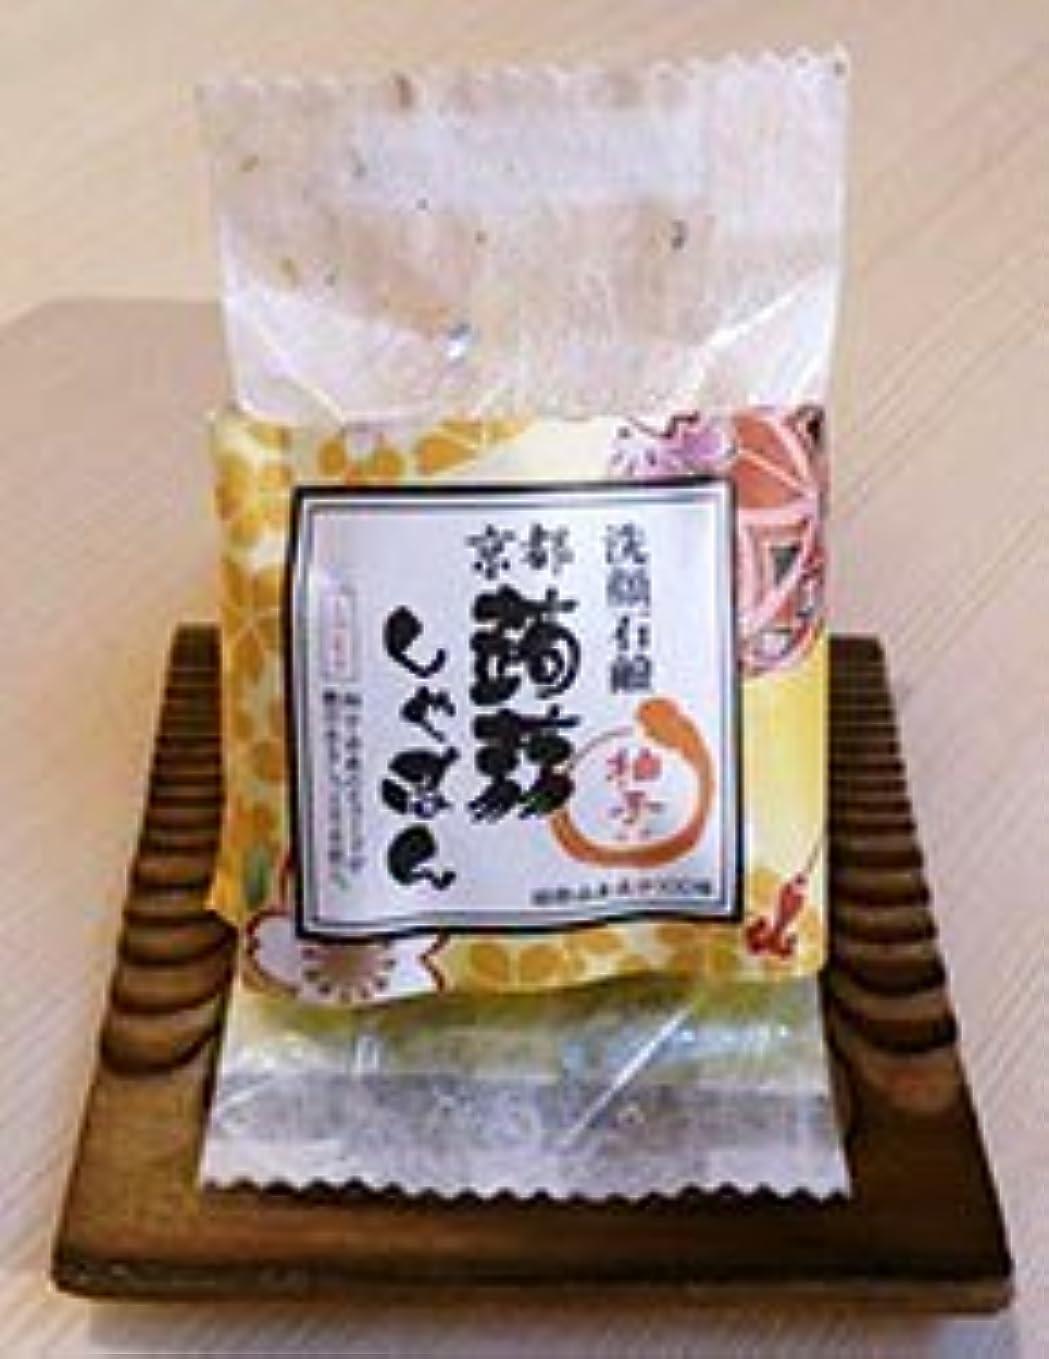 のれん奇跡的なアクチュエータ京都蒟蒻しゃぼん「柚子 ゆず」